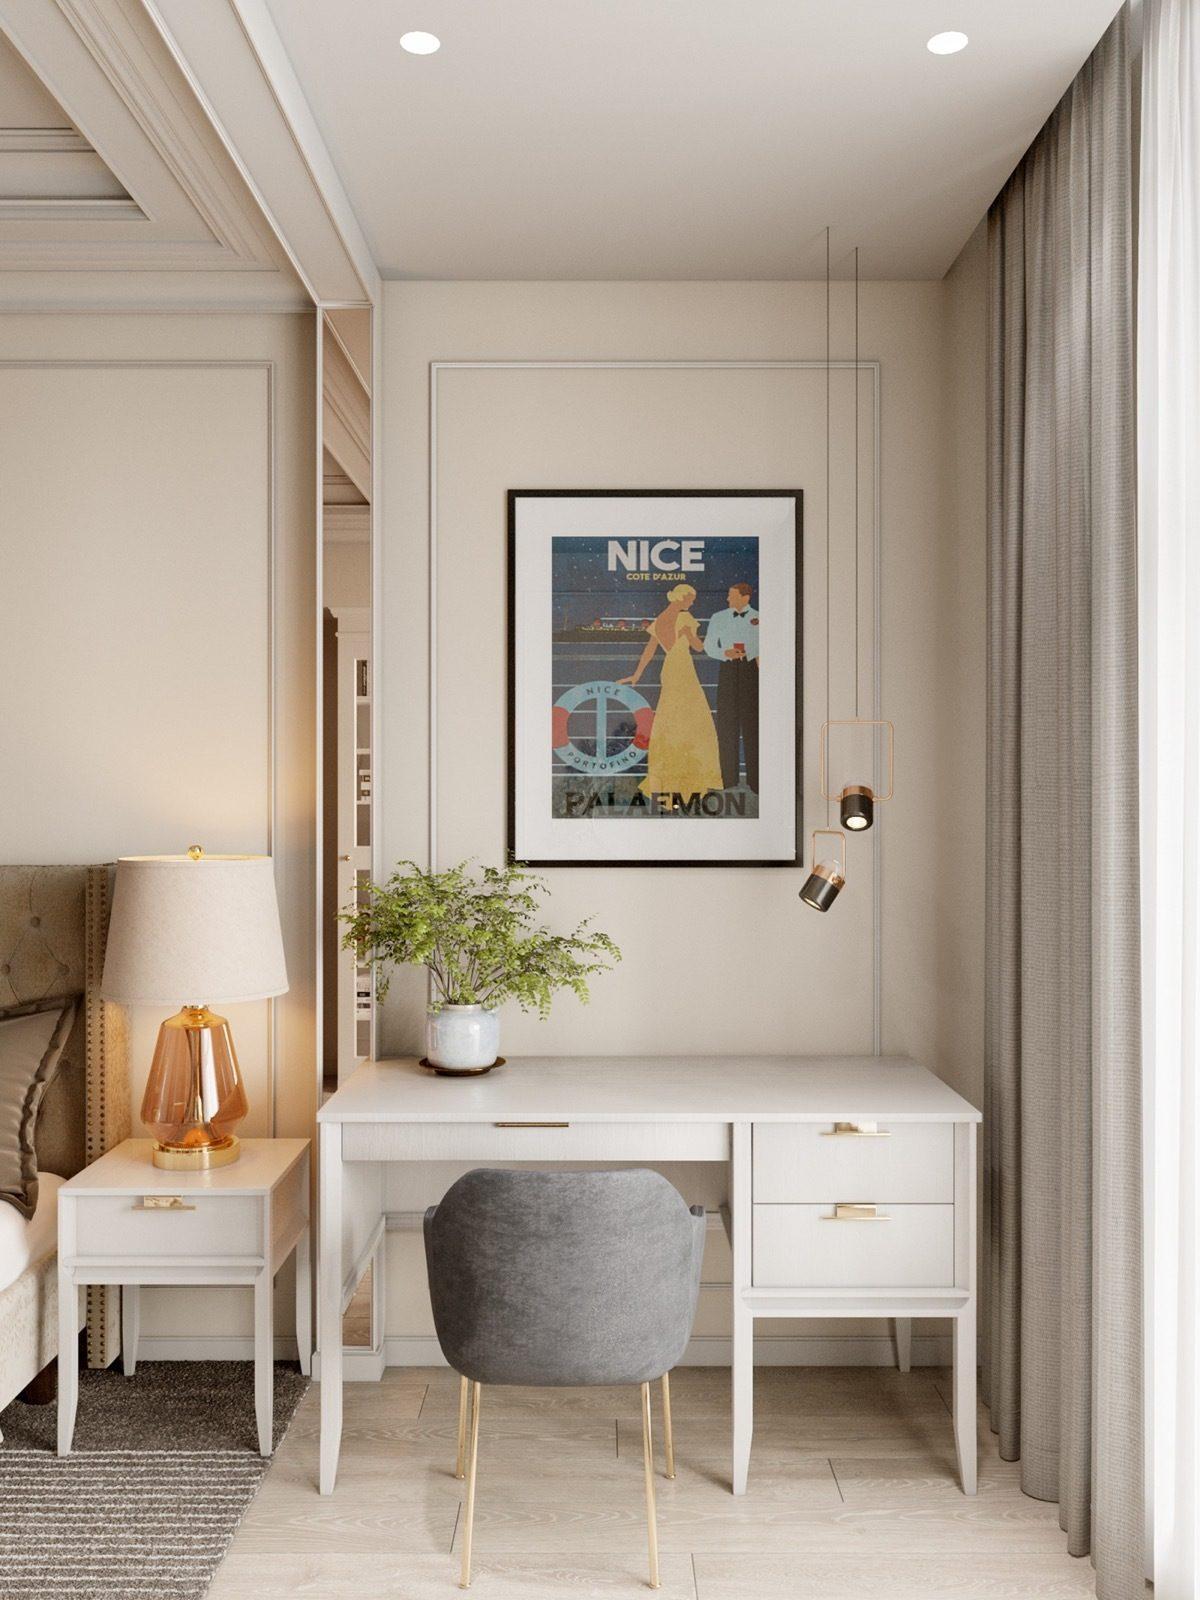 Nội thất căn hộ 70m2 tuyệt đẹp với thiết kế bán cổ điển 10